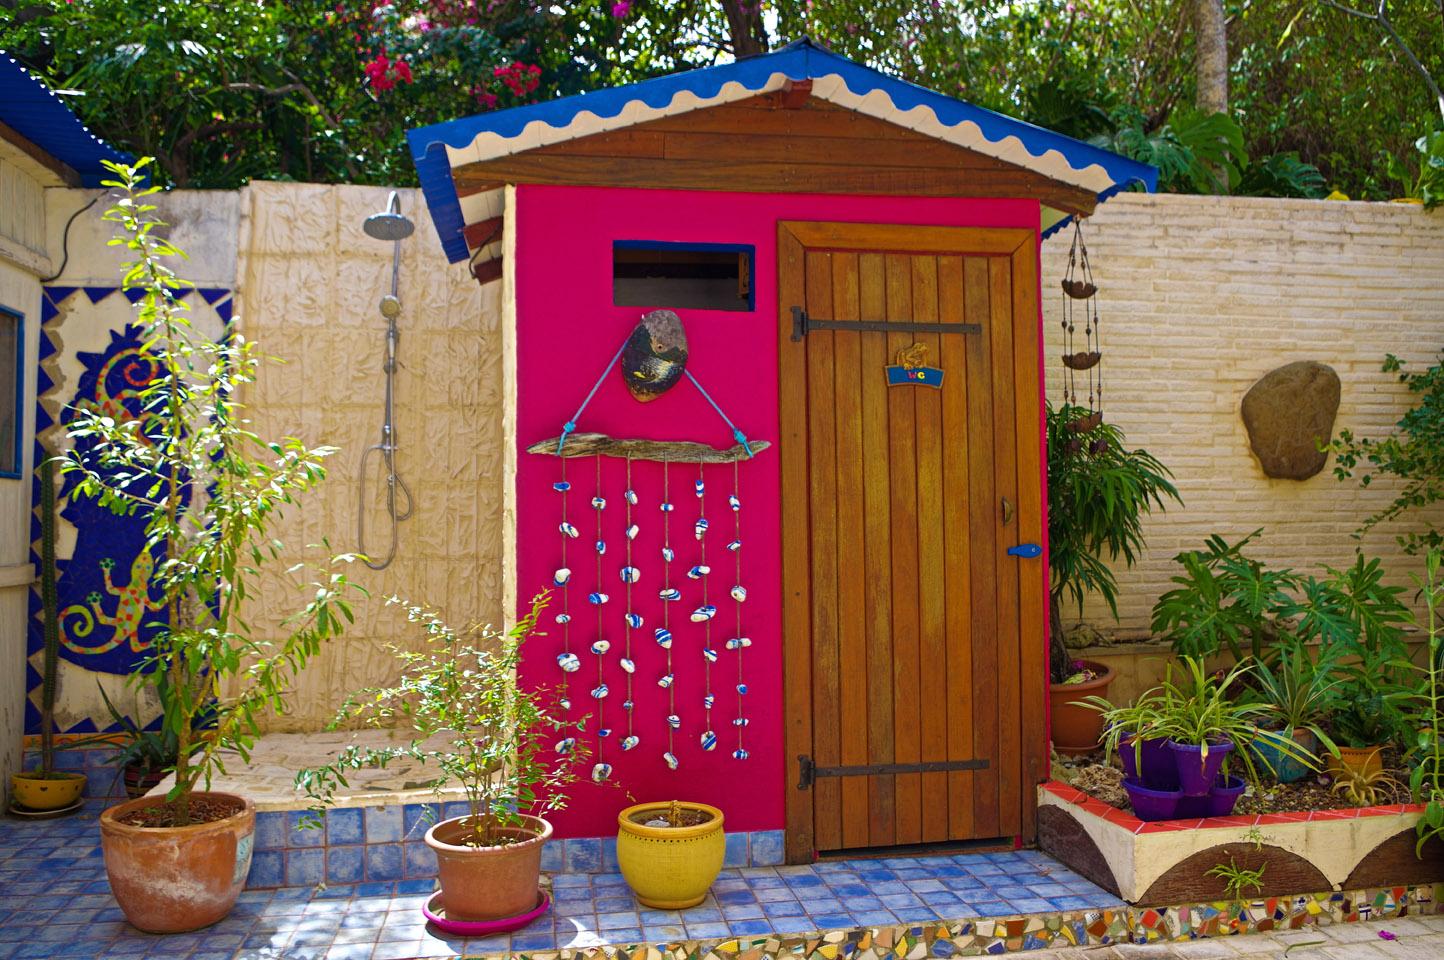 Petite case a toilette